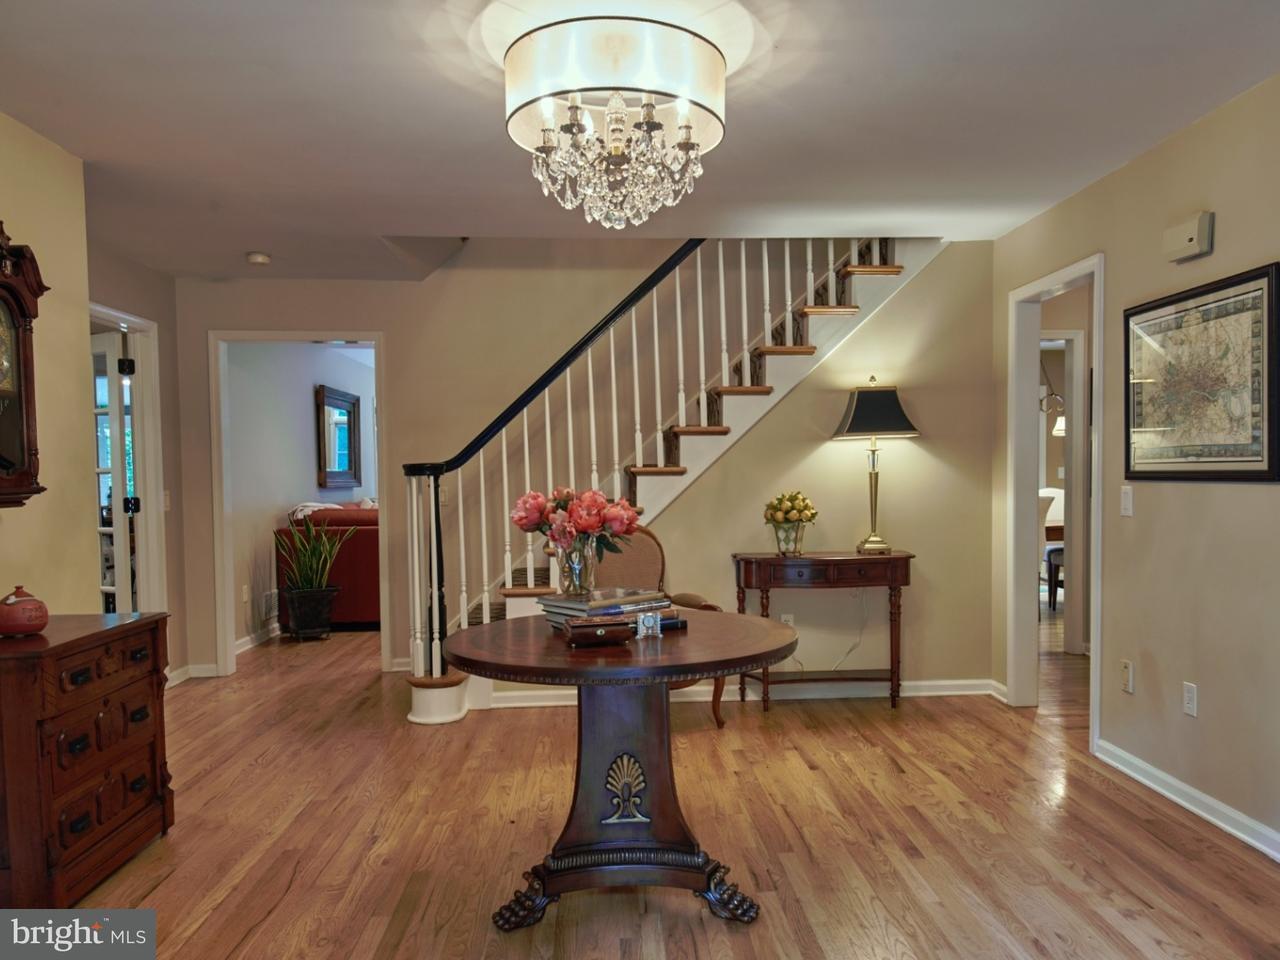 단독 가정 주택 용 매매 에 83 WEST Street Belle Mead, 뉴저지 08502 미국에서/약: Montgomery Township